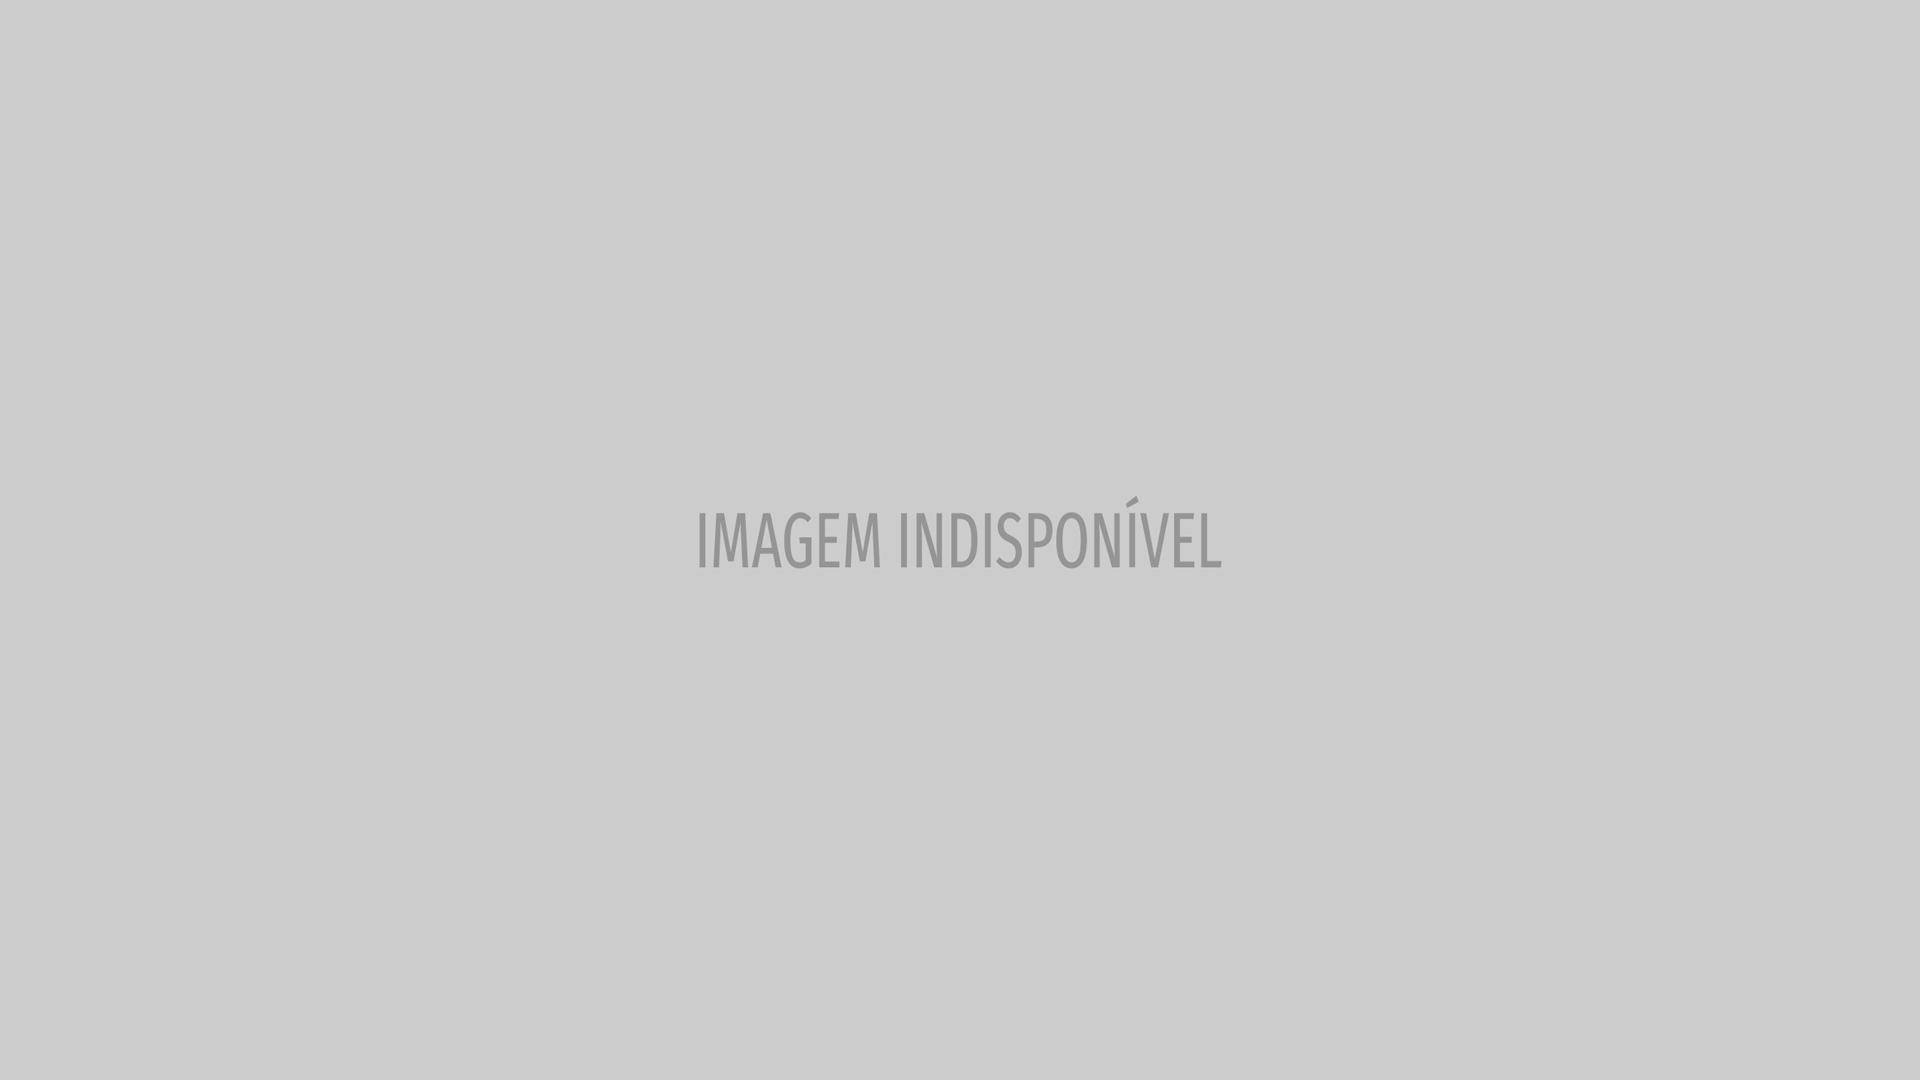 Alok posa em avião que saiu da pista: 'Sem acreditar que sobrevivemos'